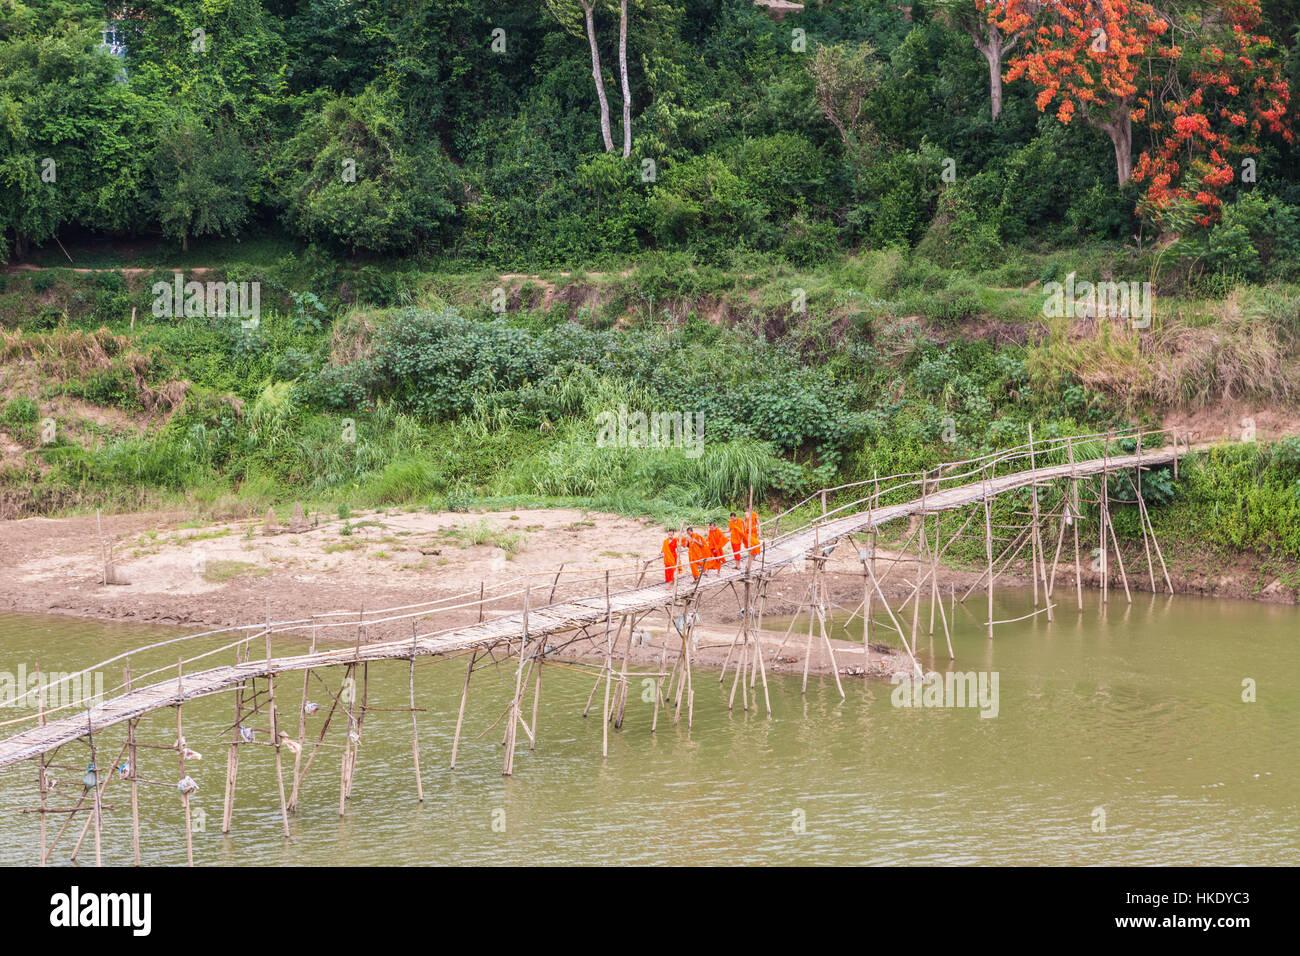 En Luang Prabang, Laos - 16 de mayo de 2015: Los monjes budistas cruzar un puente de madera sobre el río Nam Imagen De Stock